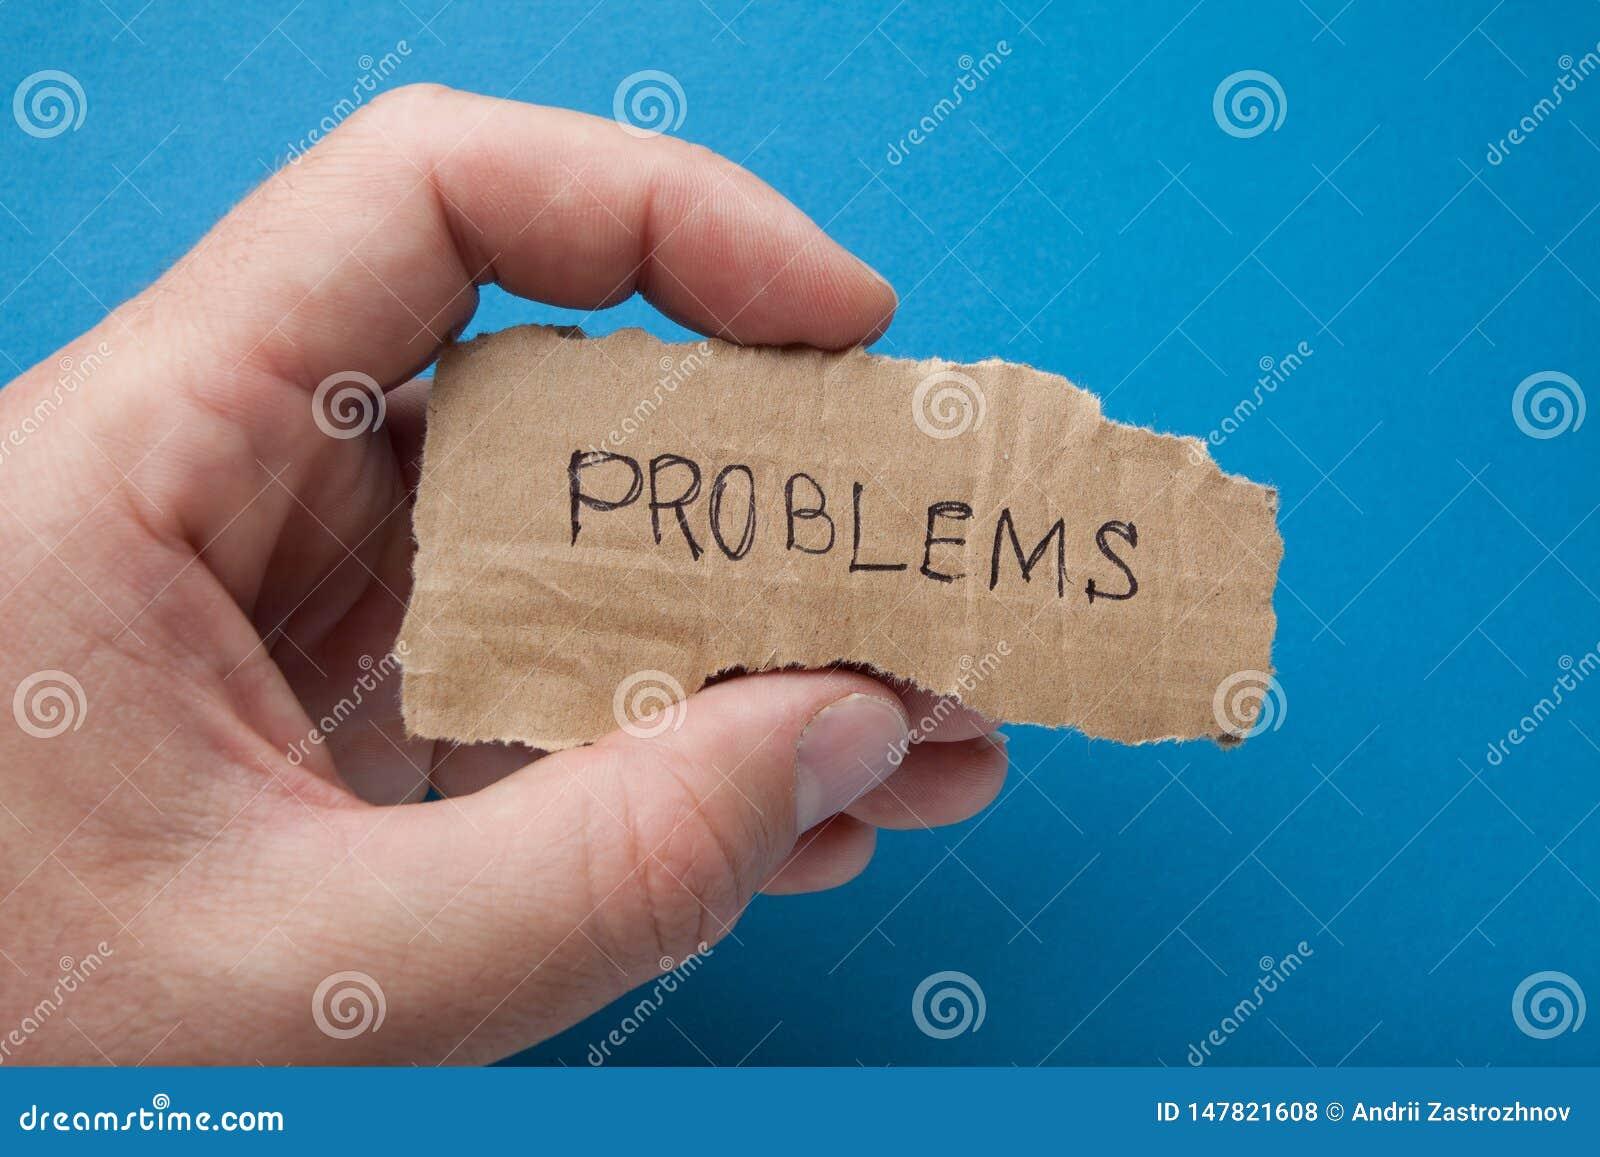 Problemen för ordet 'på ett stycke av papp i hand